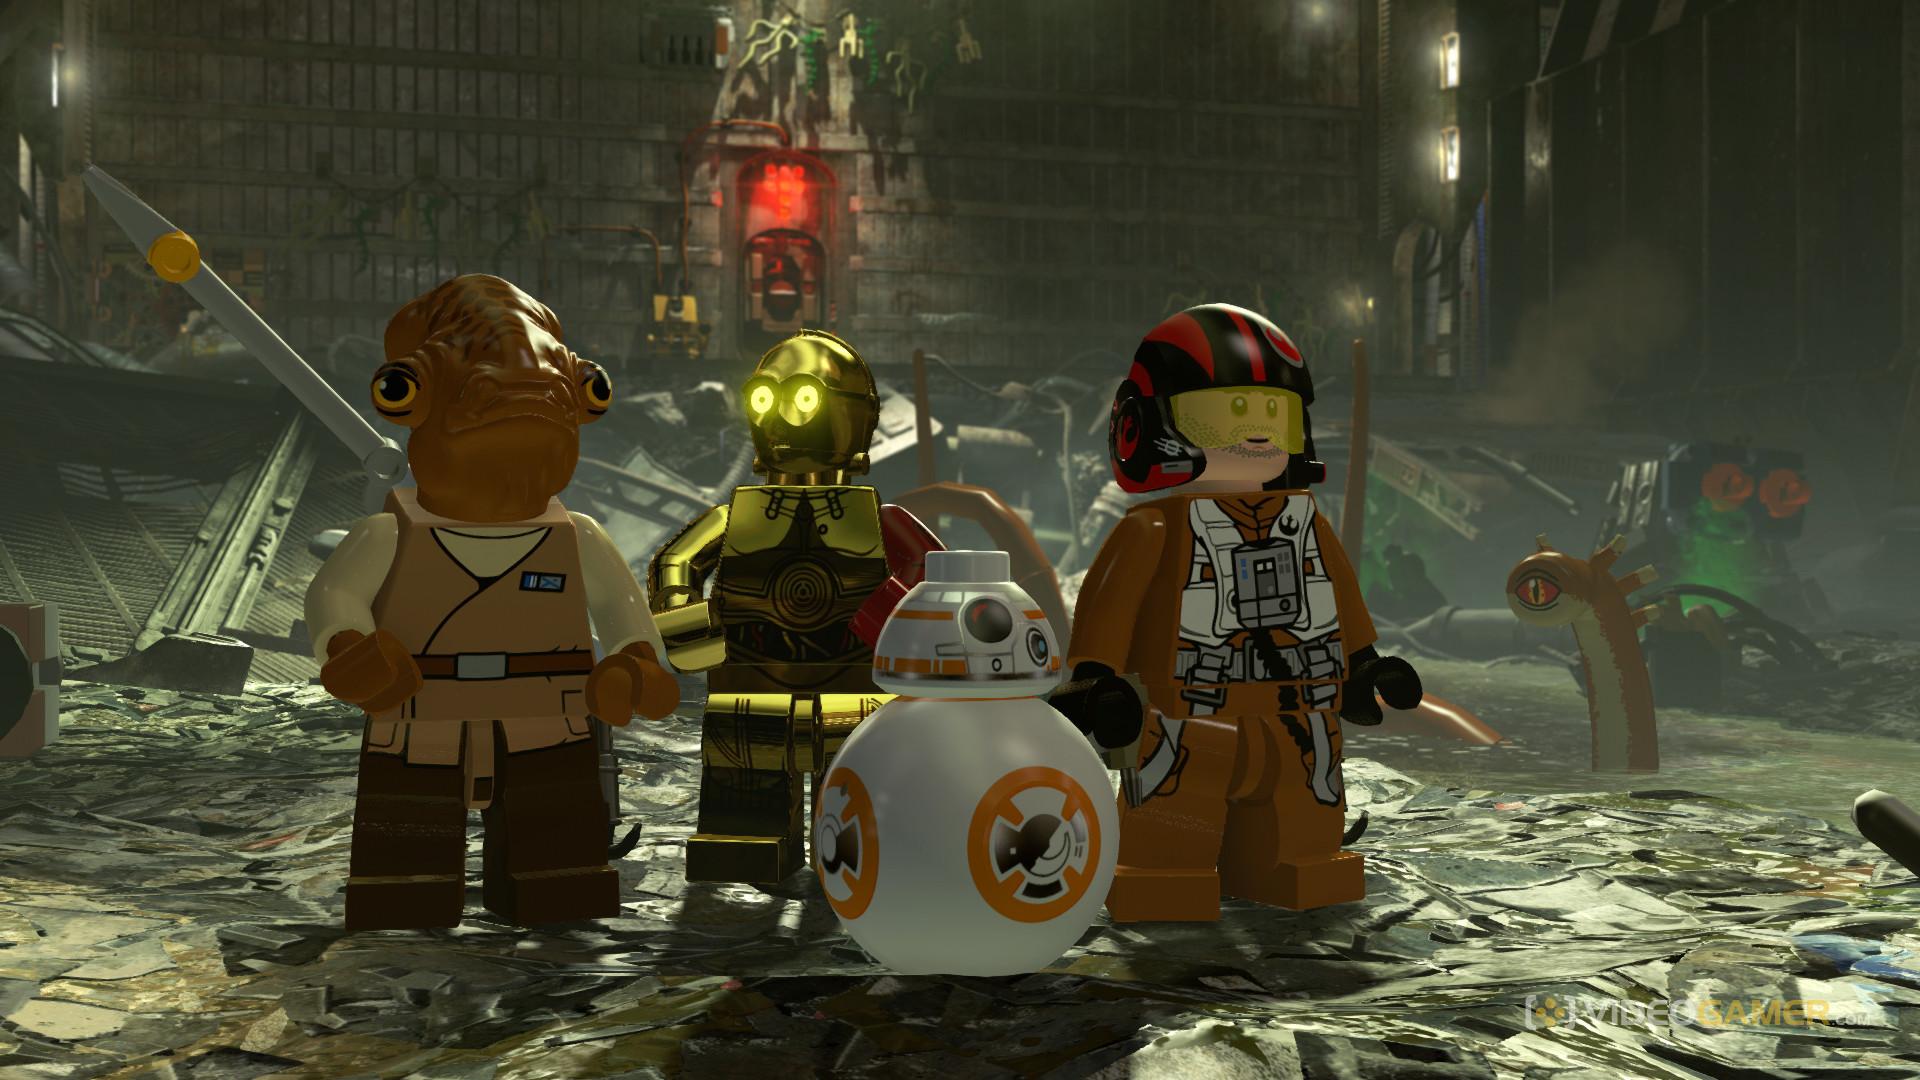 lego star wars 01